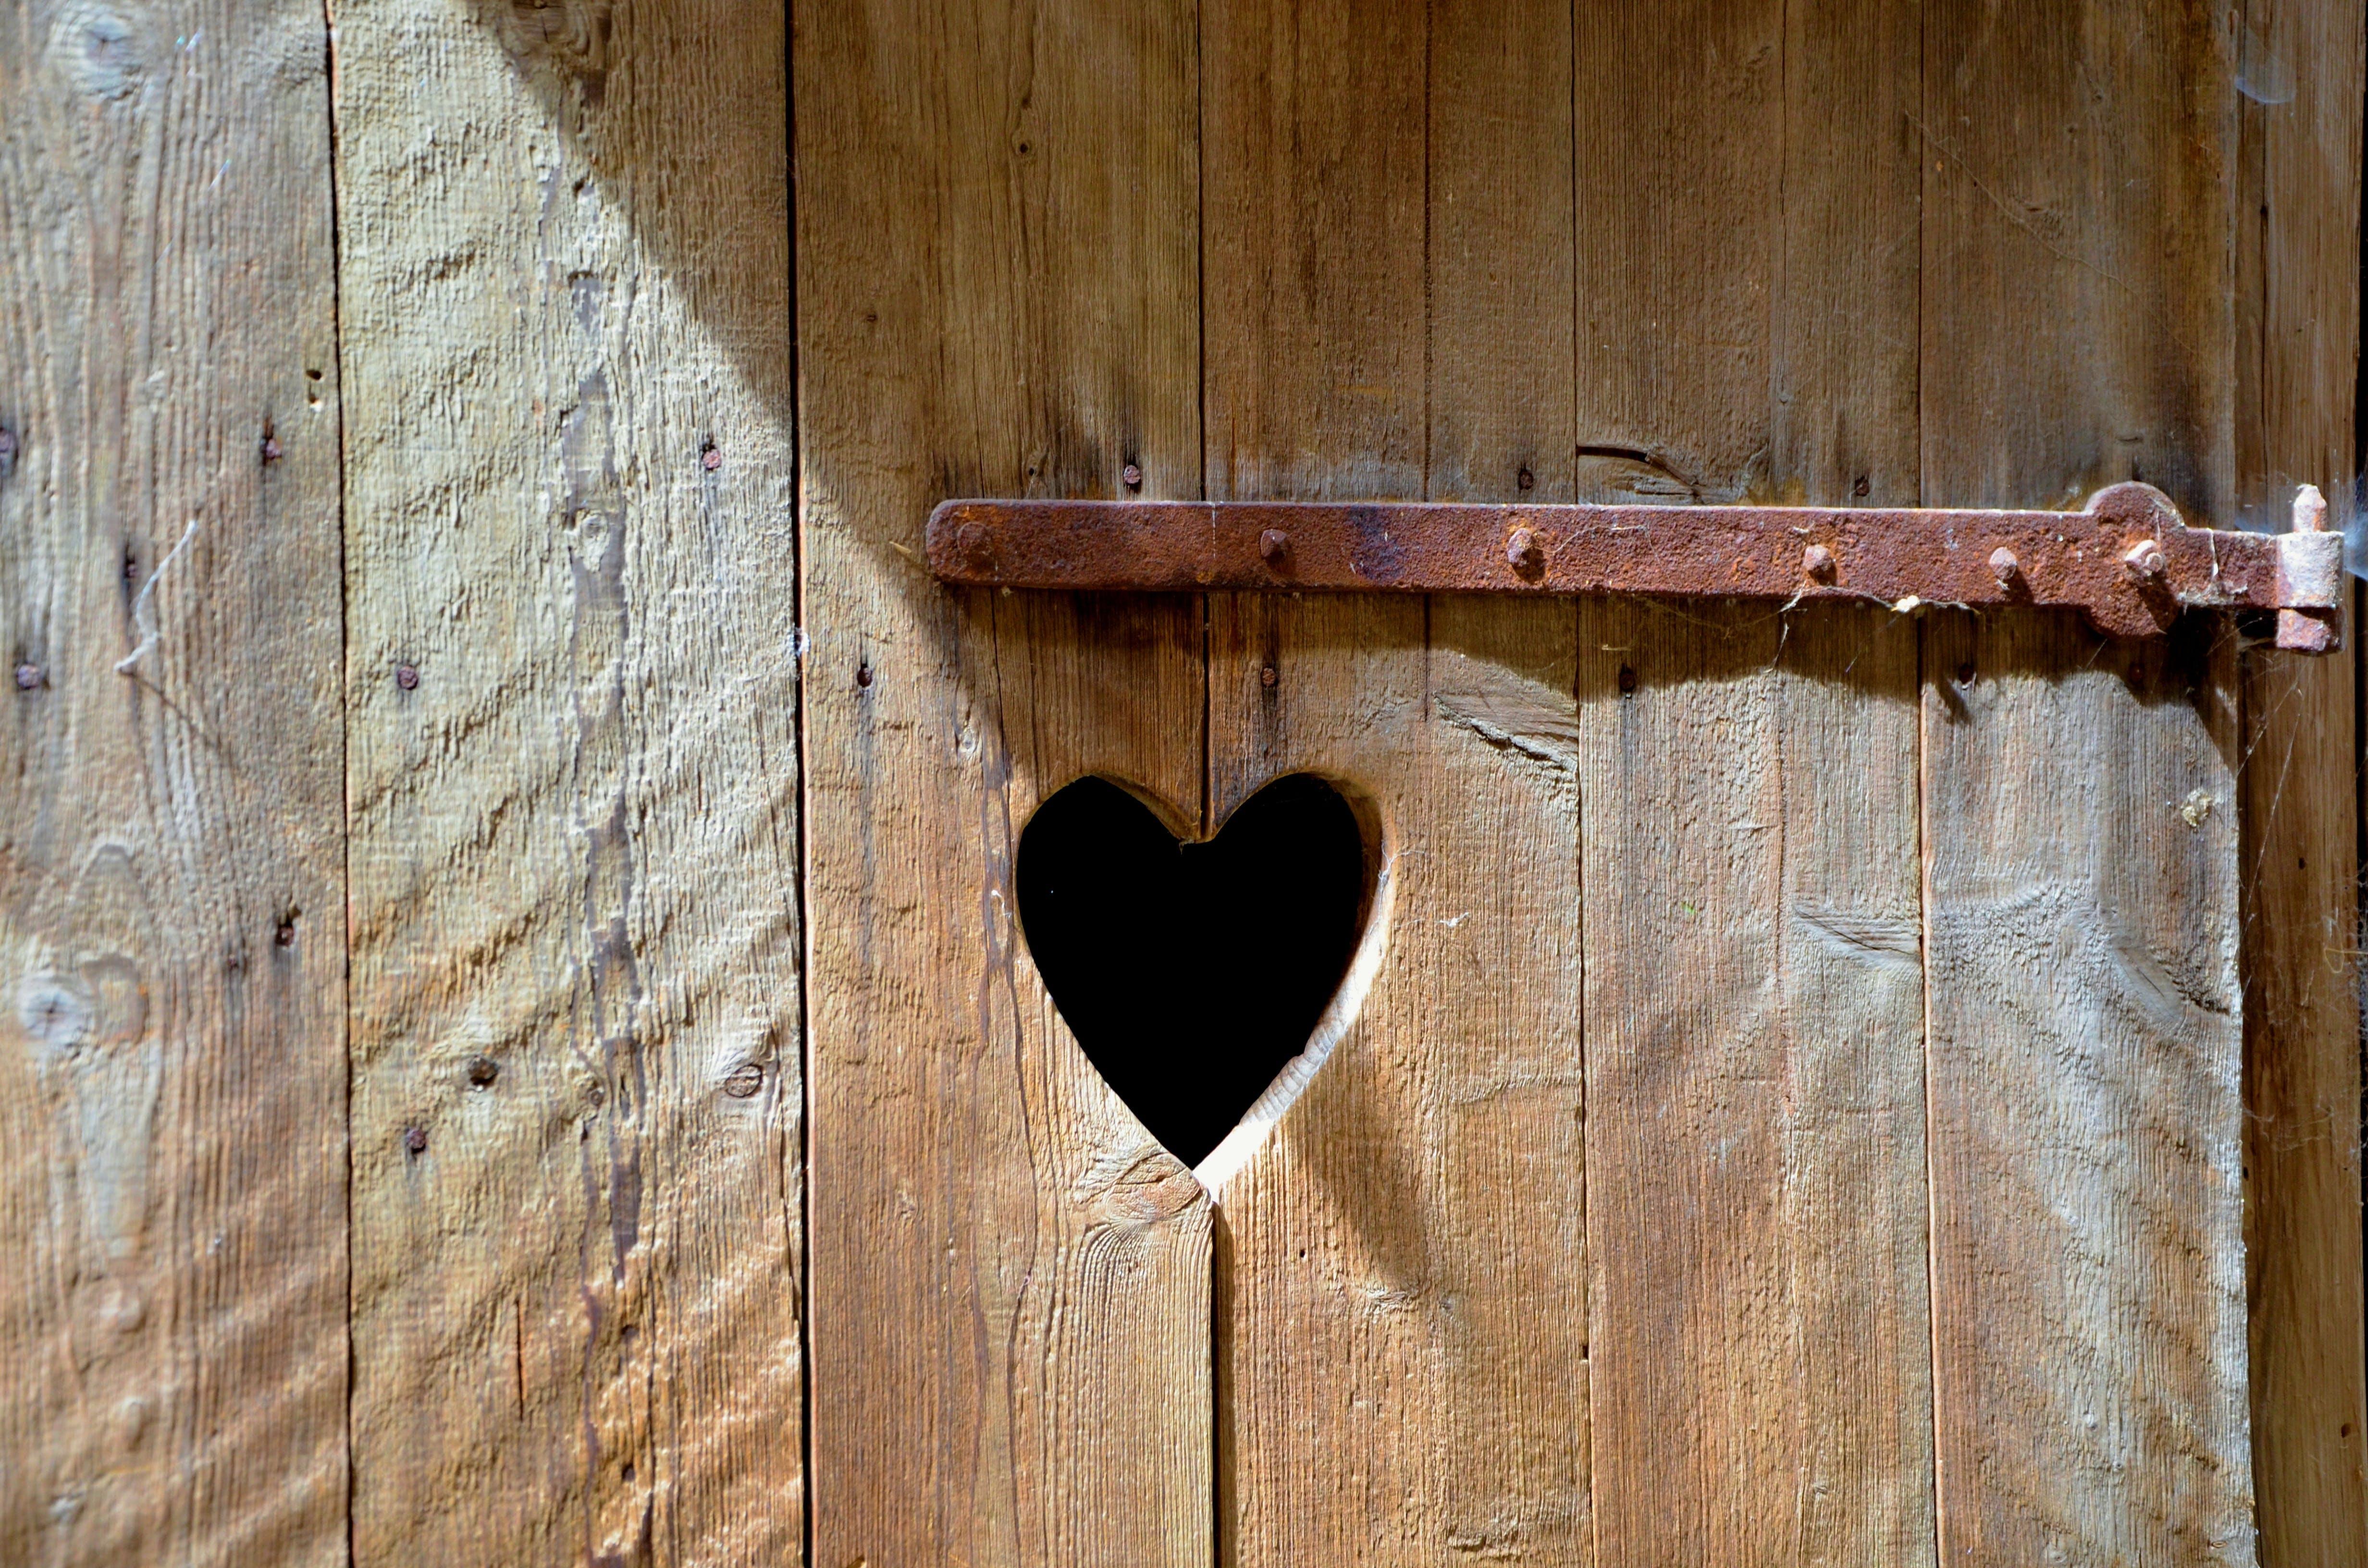 door, heart, old